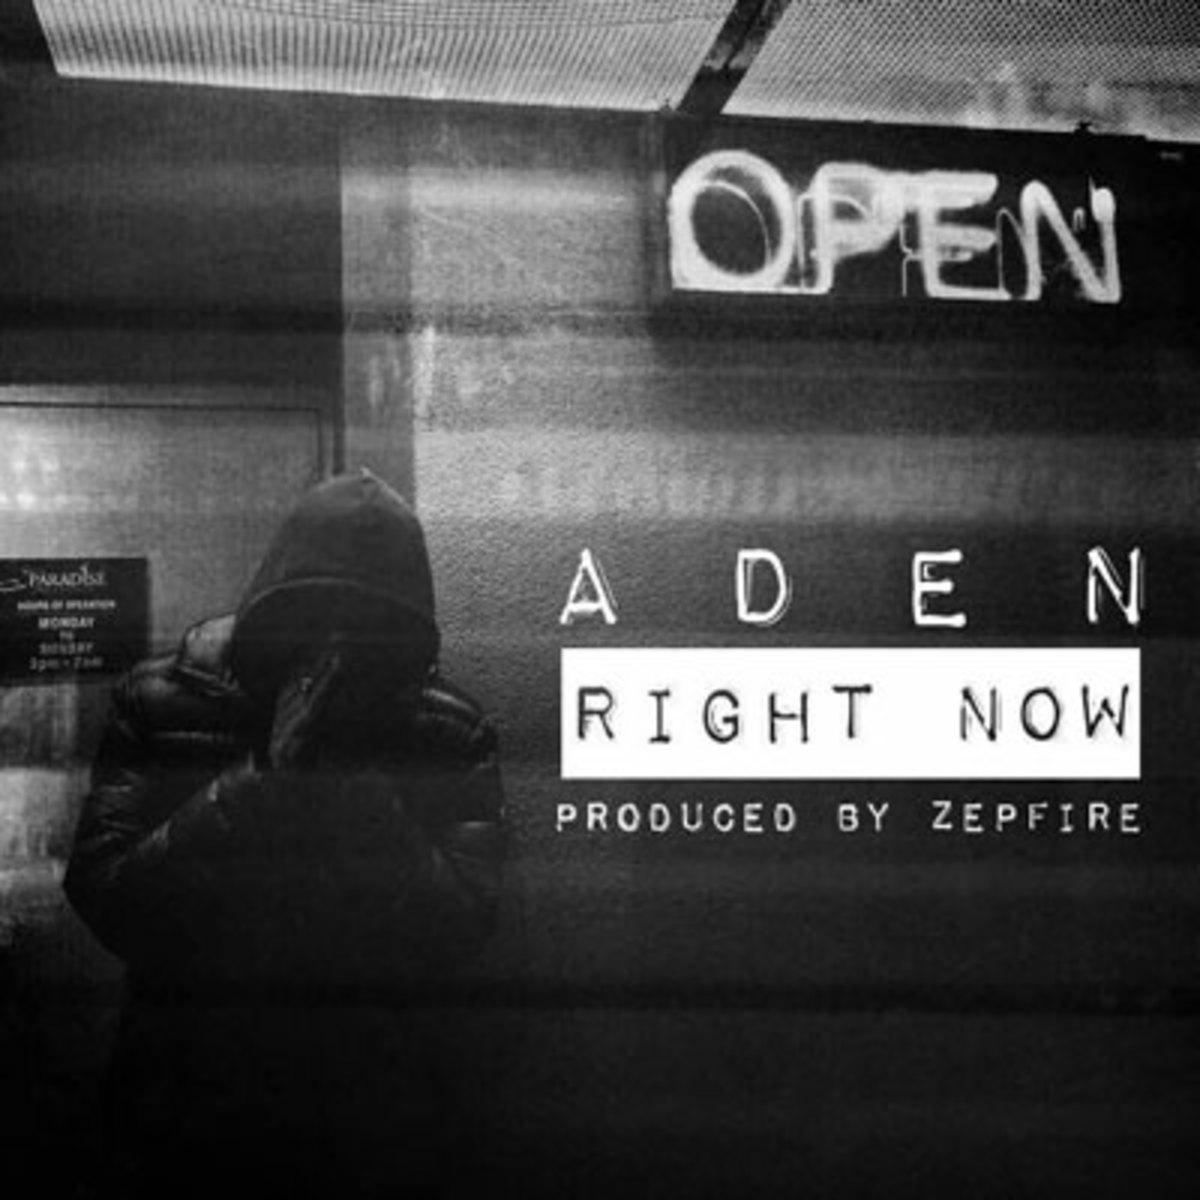 aden-rightnow.jpg